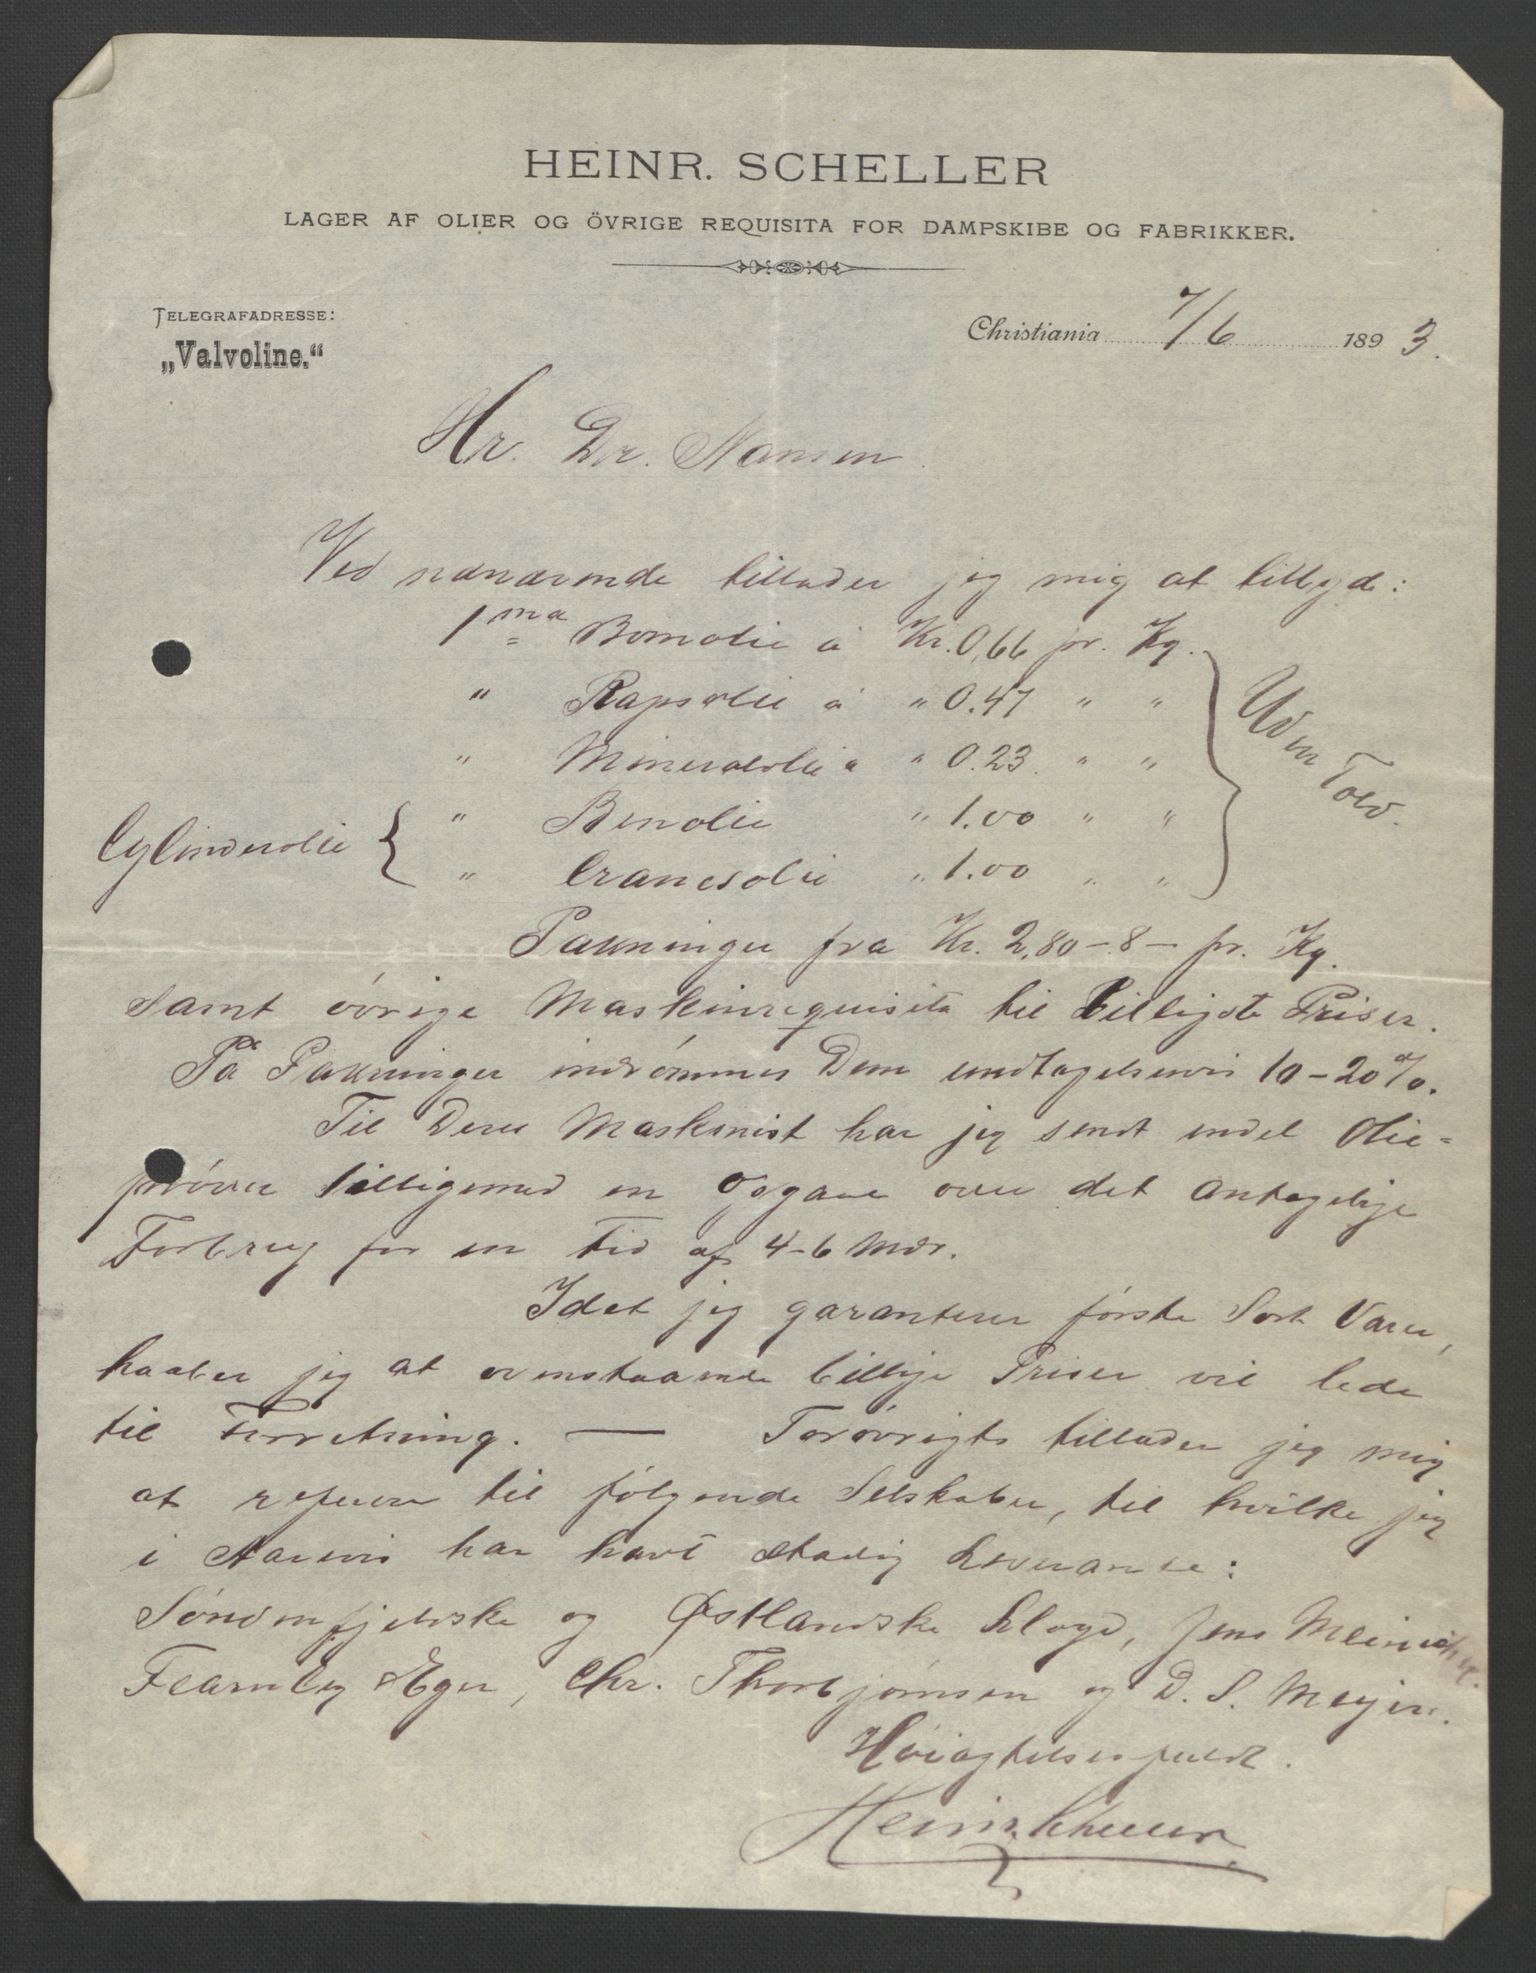 RA, Arbeidskomitéen for Fridtjof Nansens polarekspedisjon, D/L0003: Innk. brev og telegrammer vedr. proviant og utrustning, 1893, s. 349